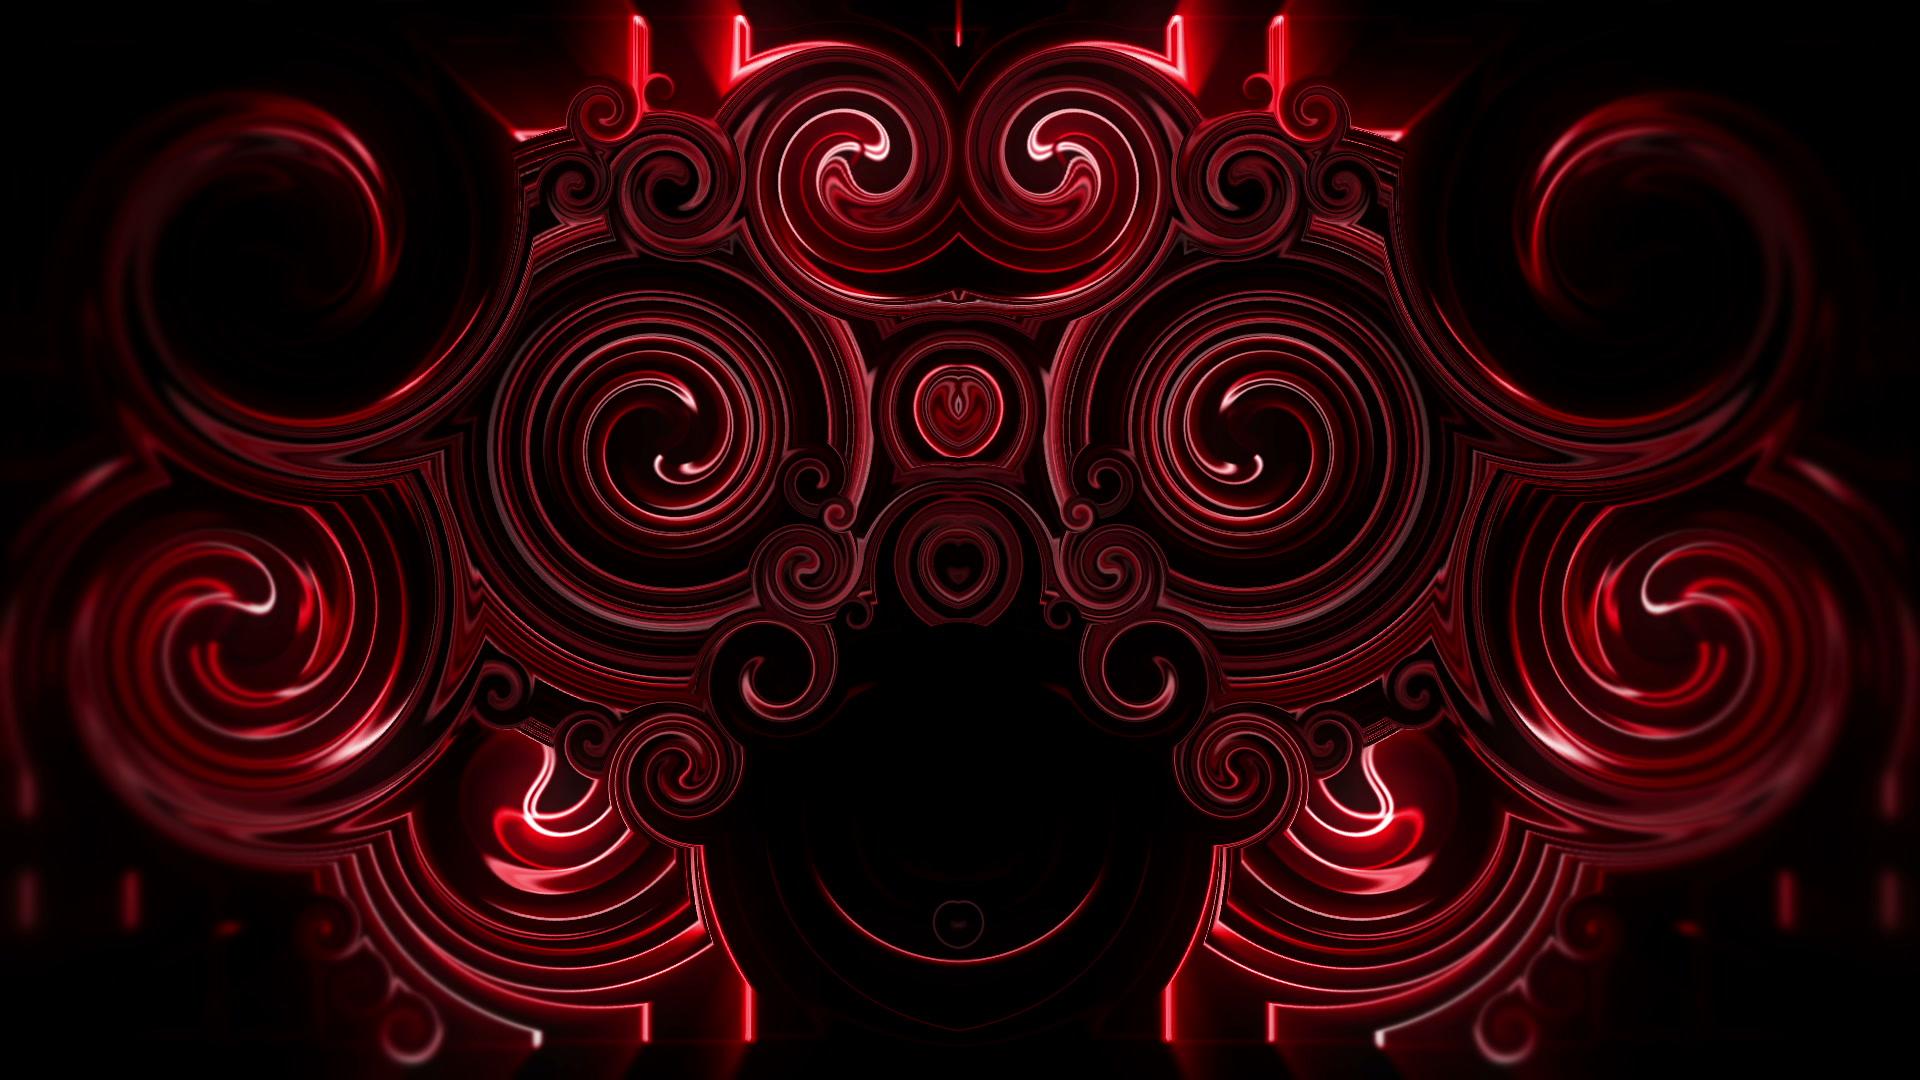 Cloud Eyes - Vj Loop - FullHD Visuals